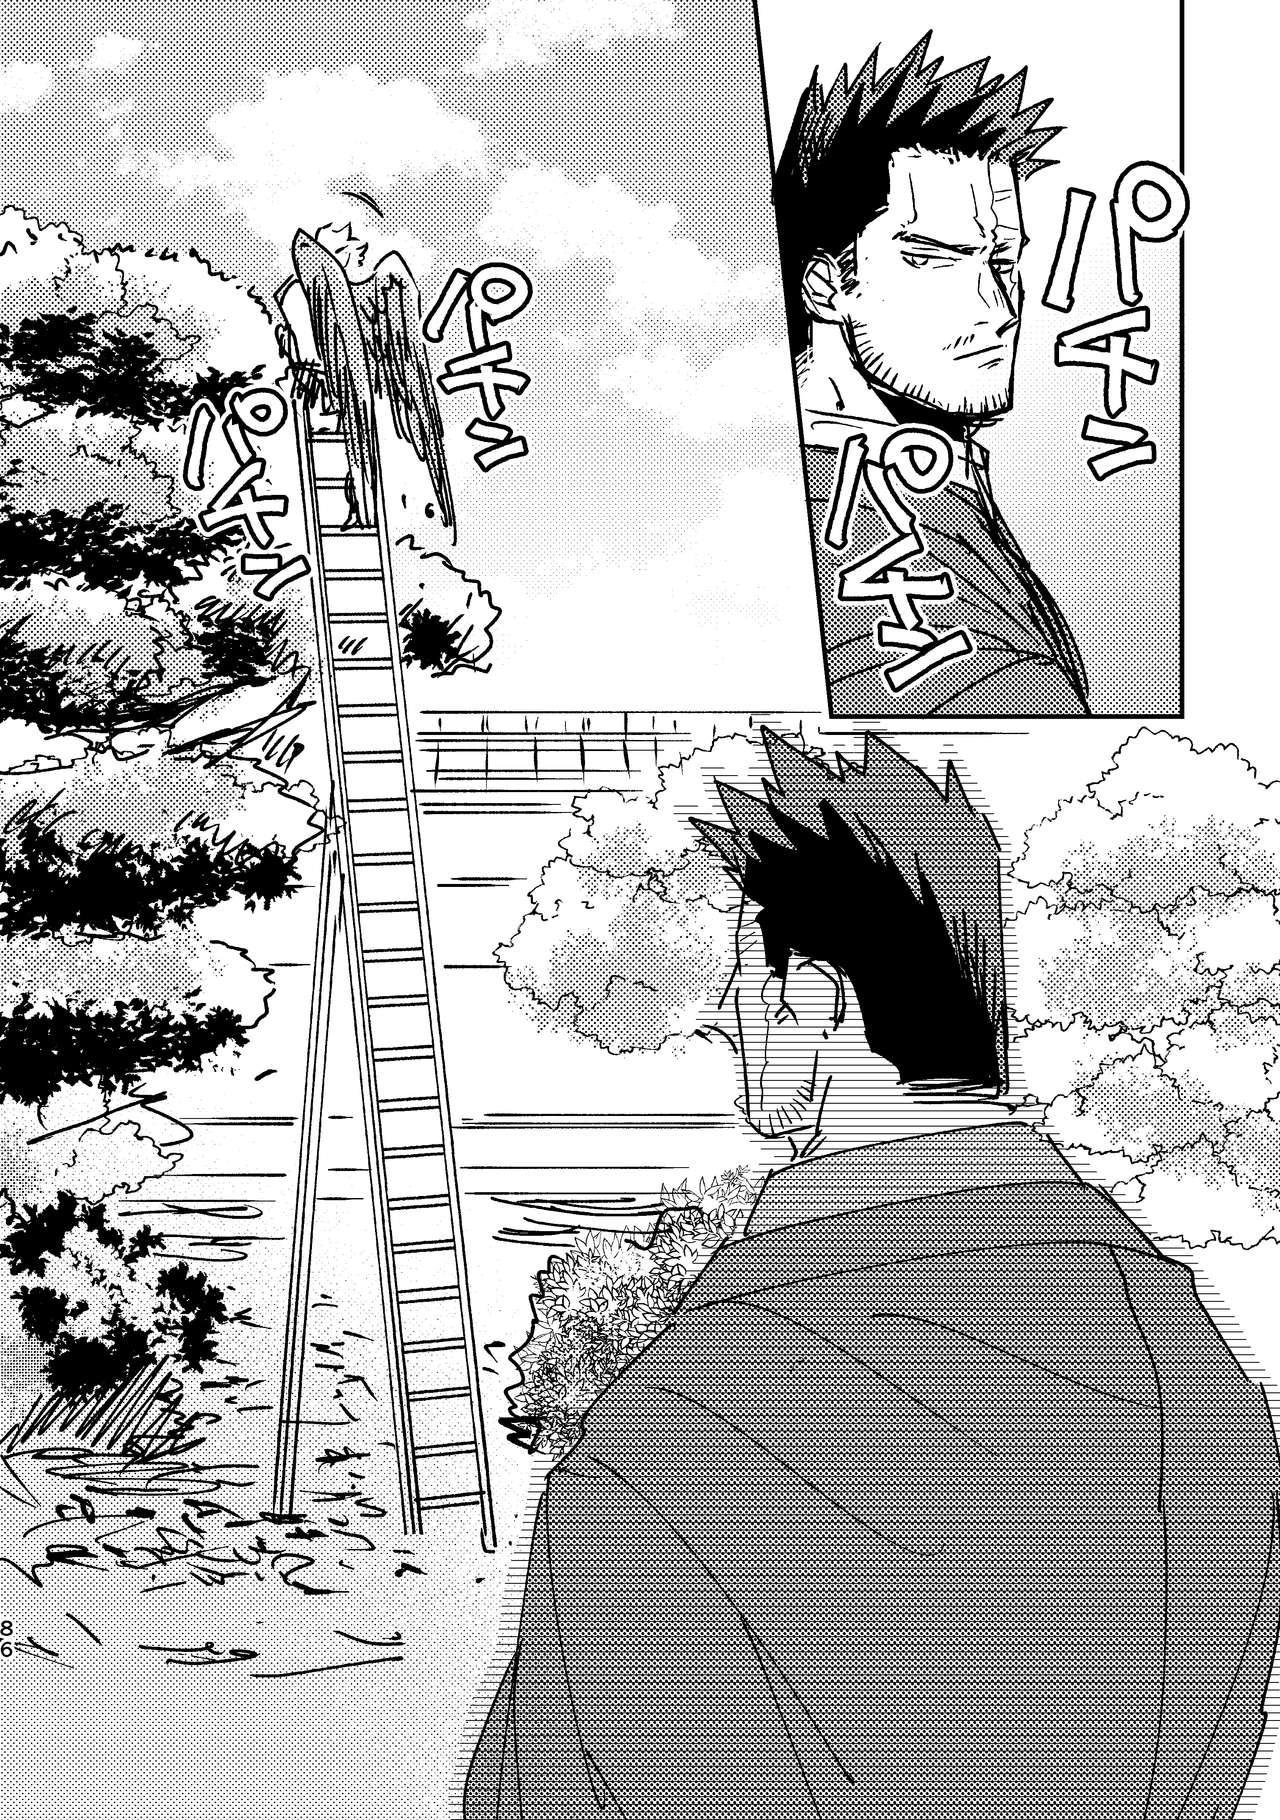 WEB Sairoku Zumi HawEn Manga ga Kami demo Yomeru Hon. 85